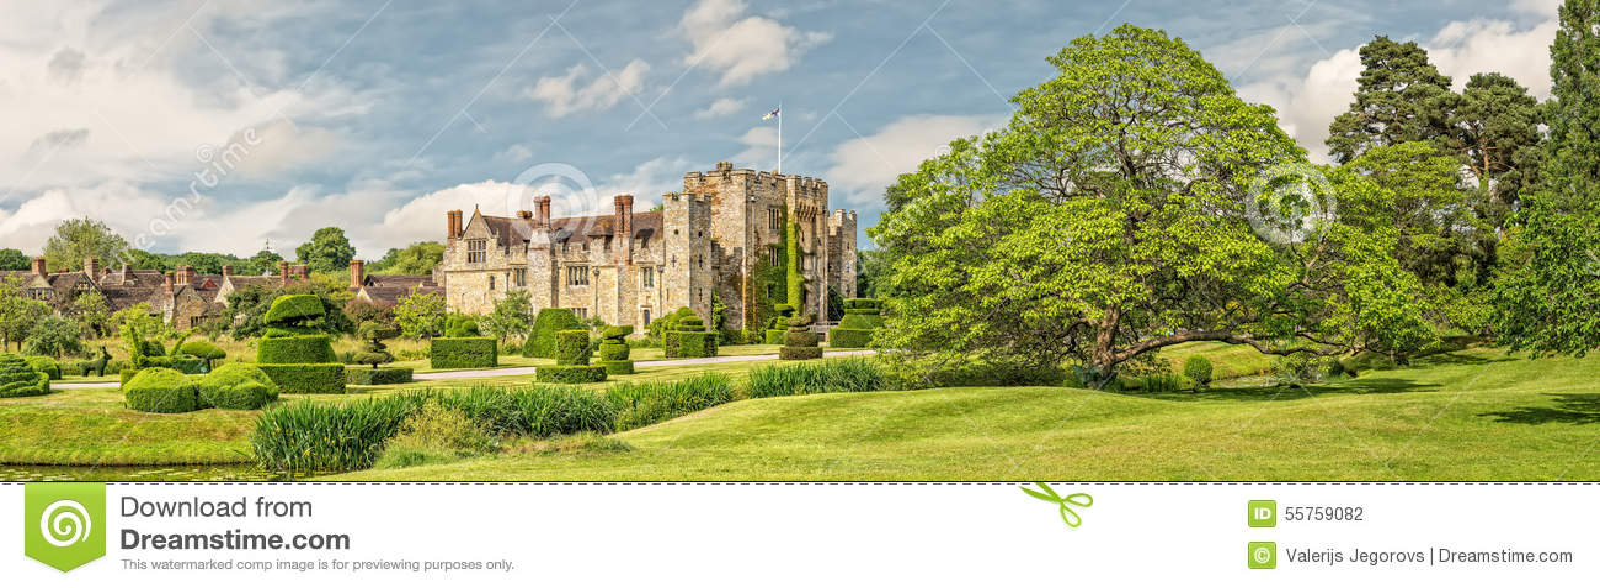 Castelo de Hever em Kent, Inglaterra